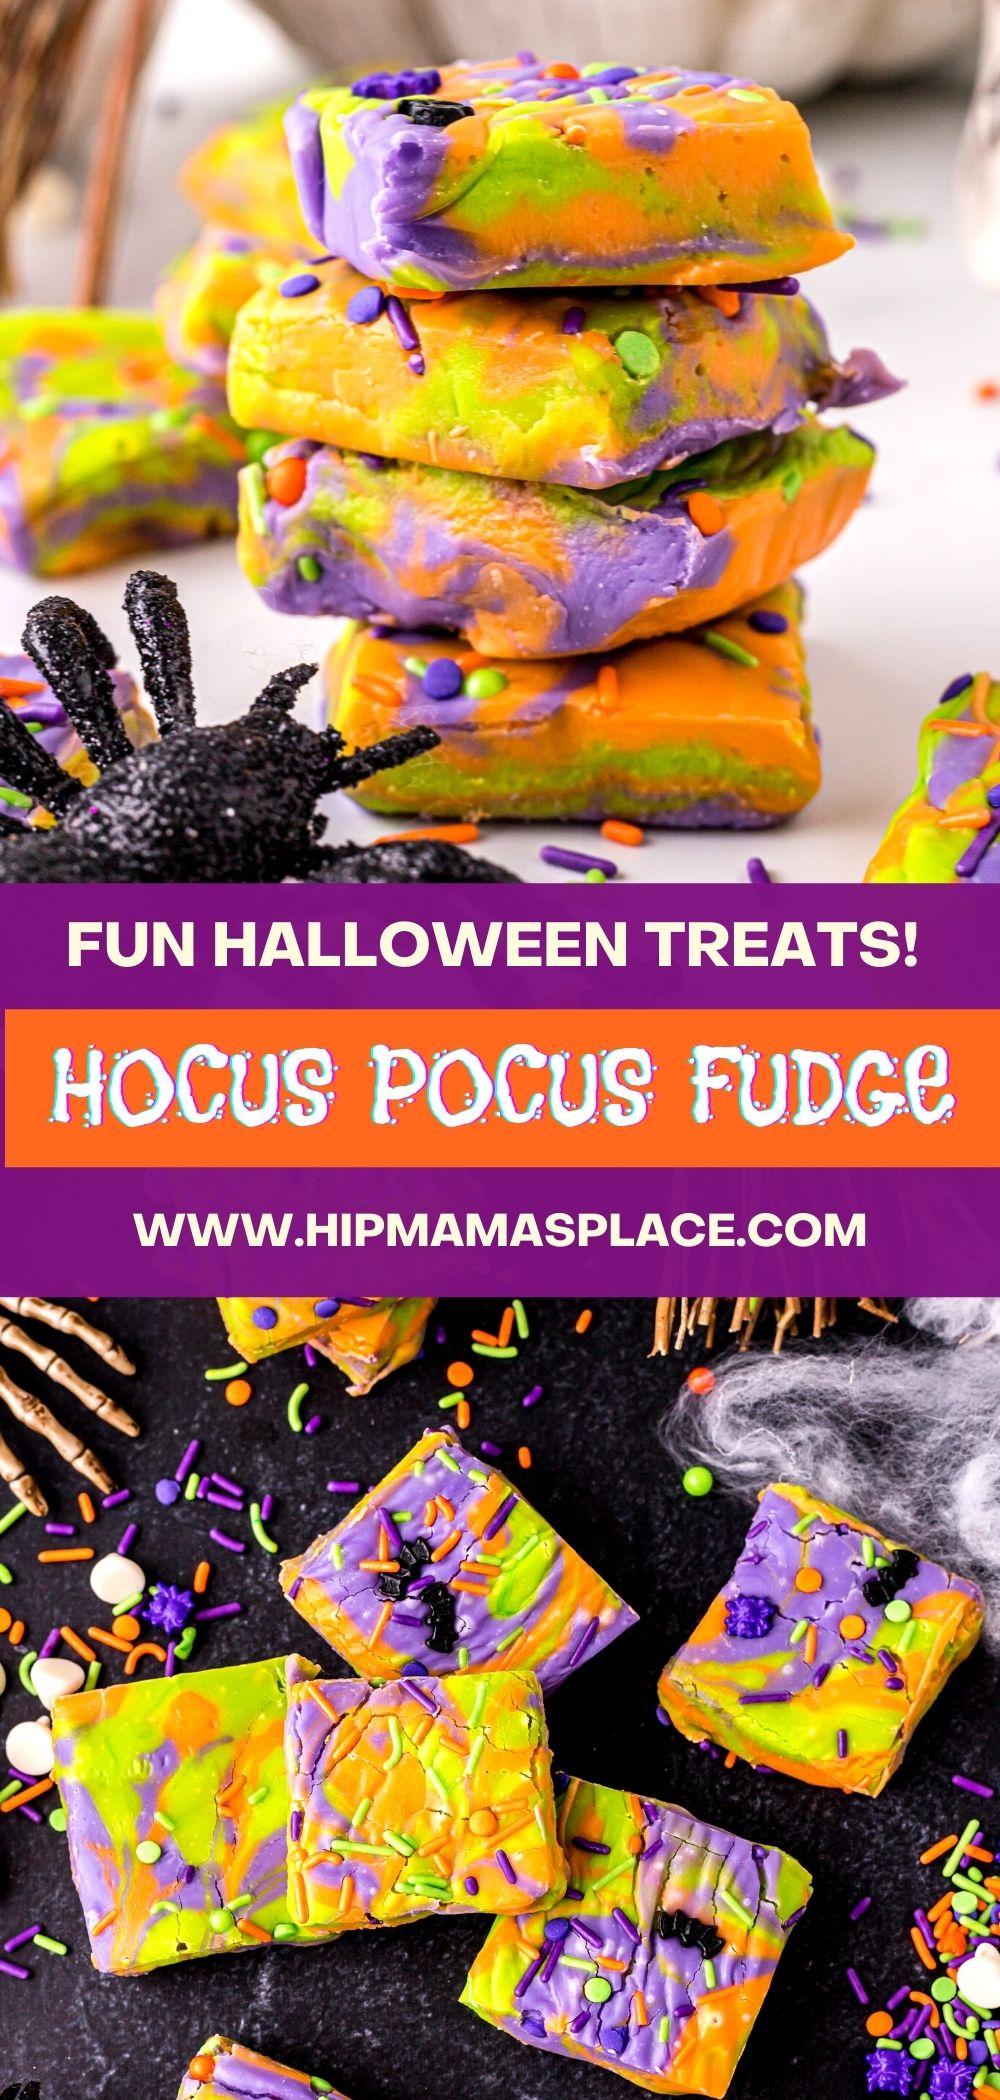 hocus pocus fudge recipe